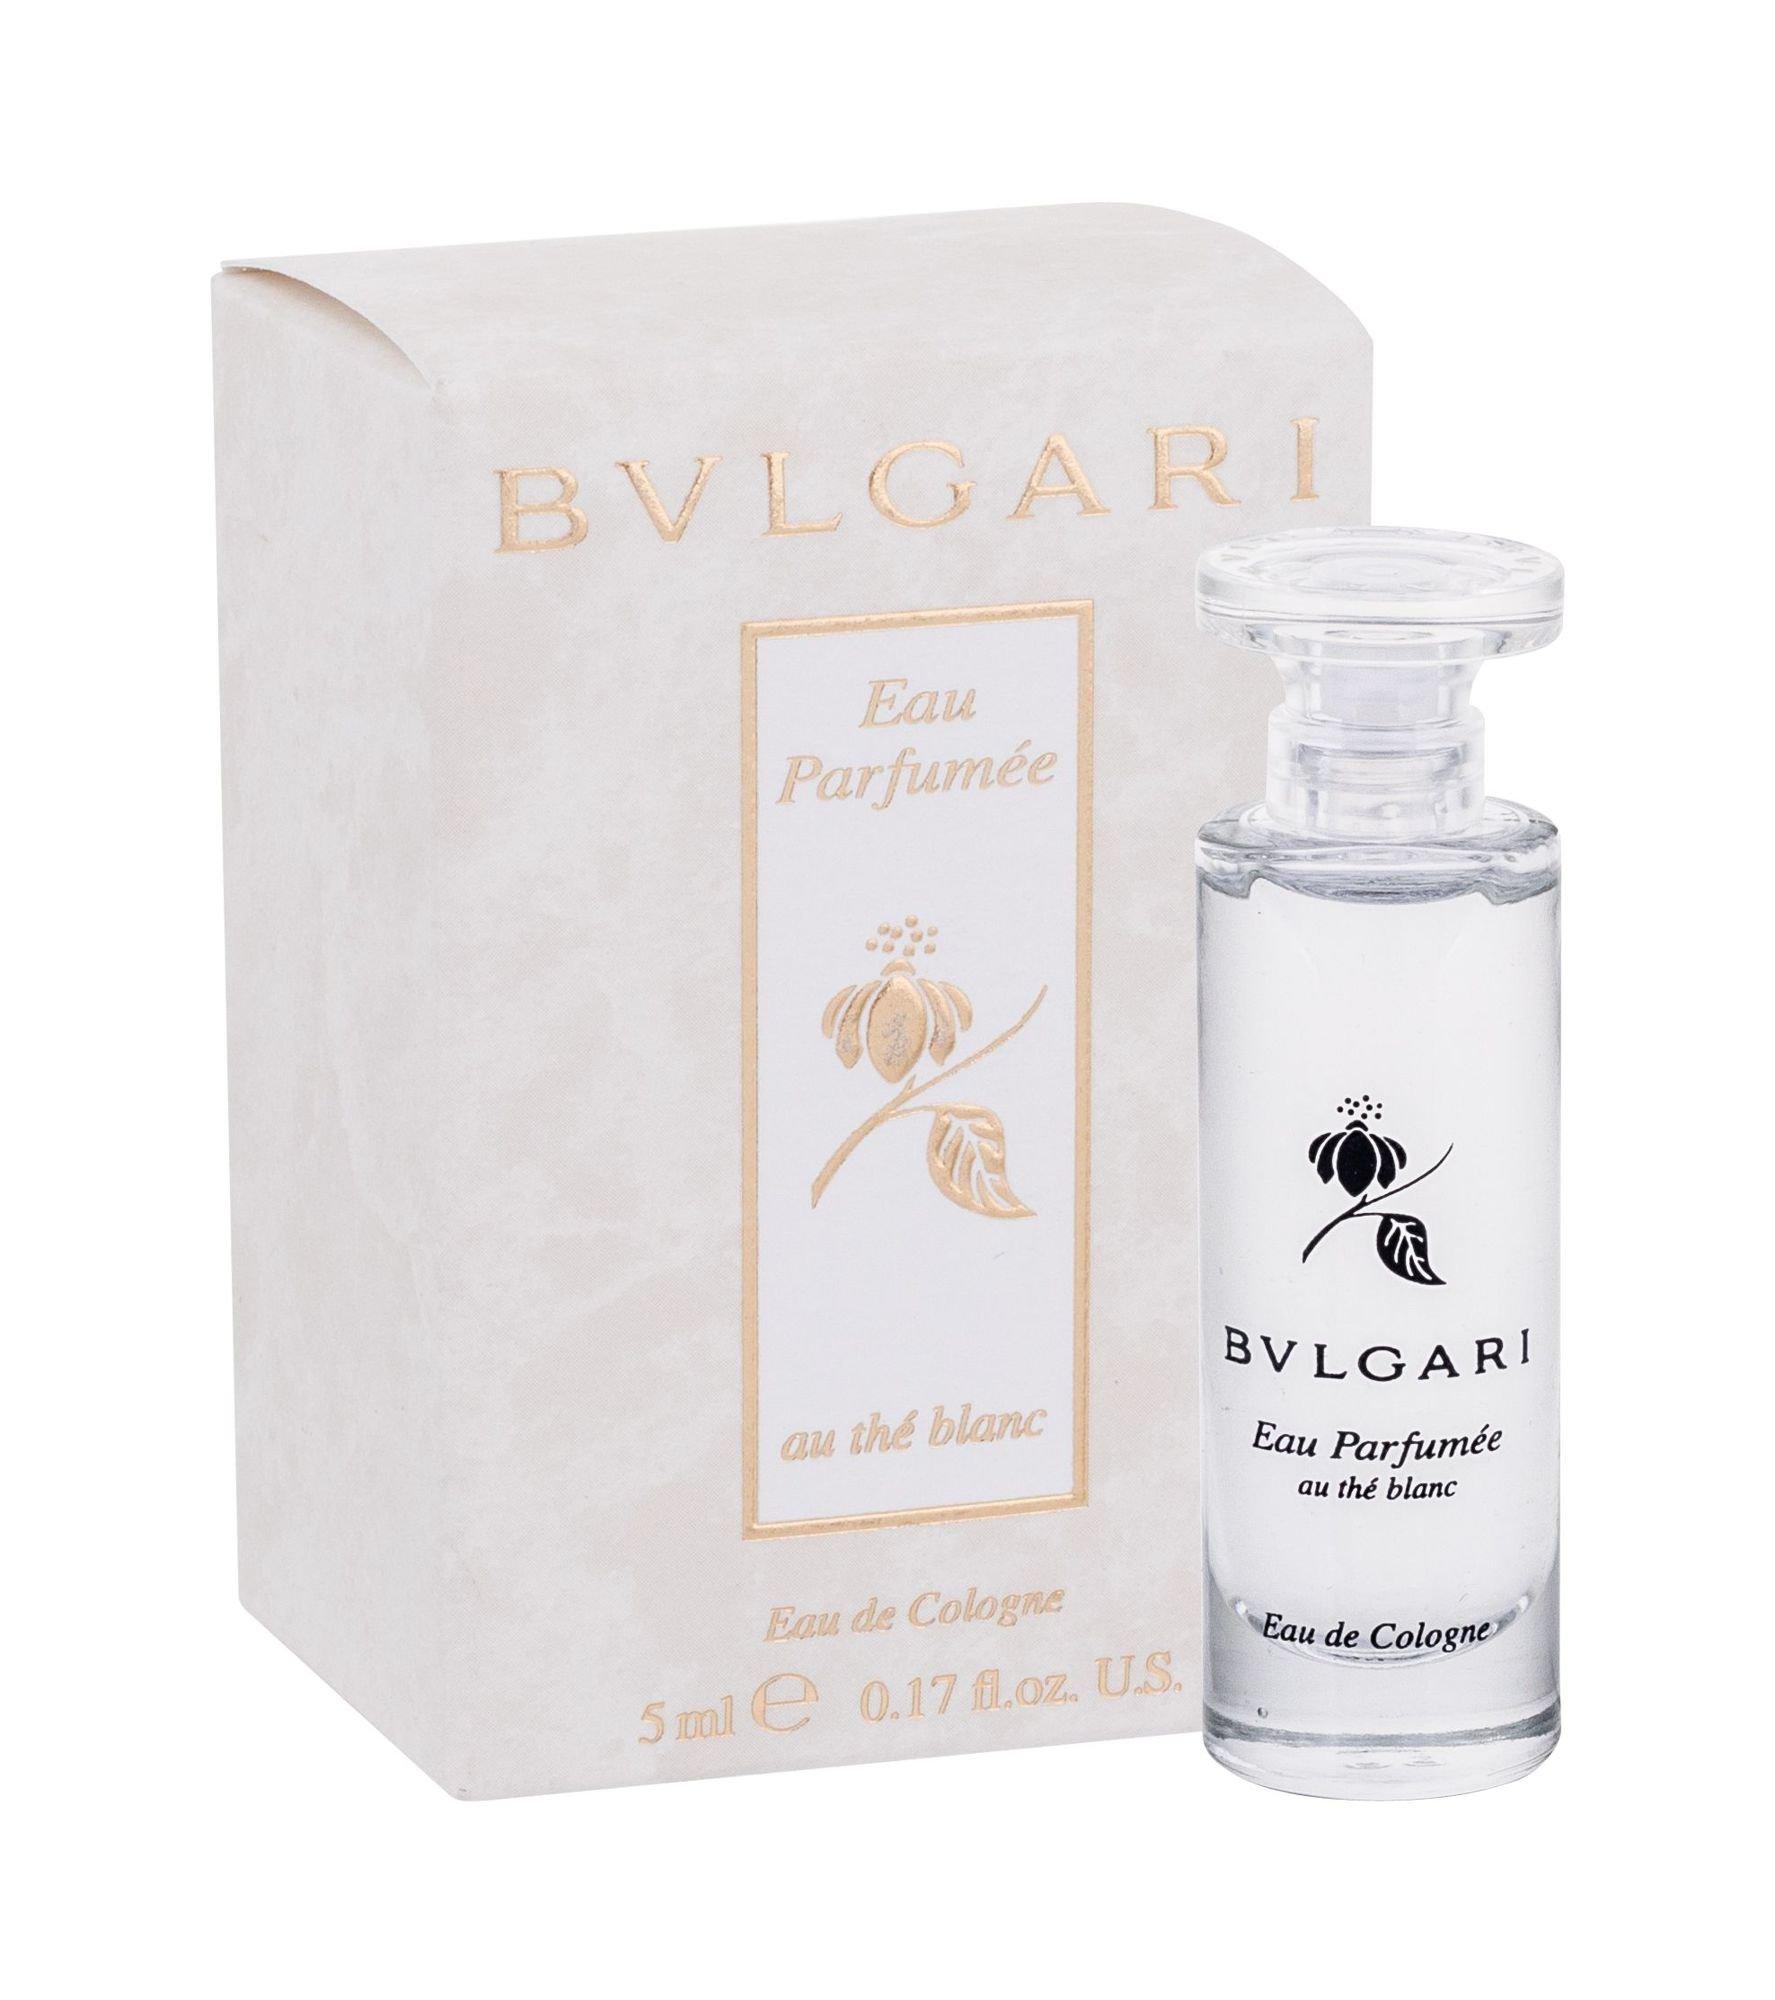 Bvlgari Eau Parfumée au Thé Blanc, Odstrek Illatminta 3ml